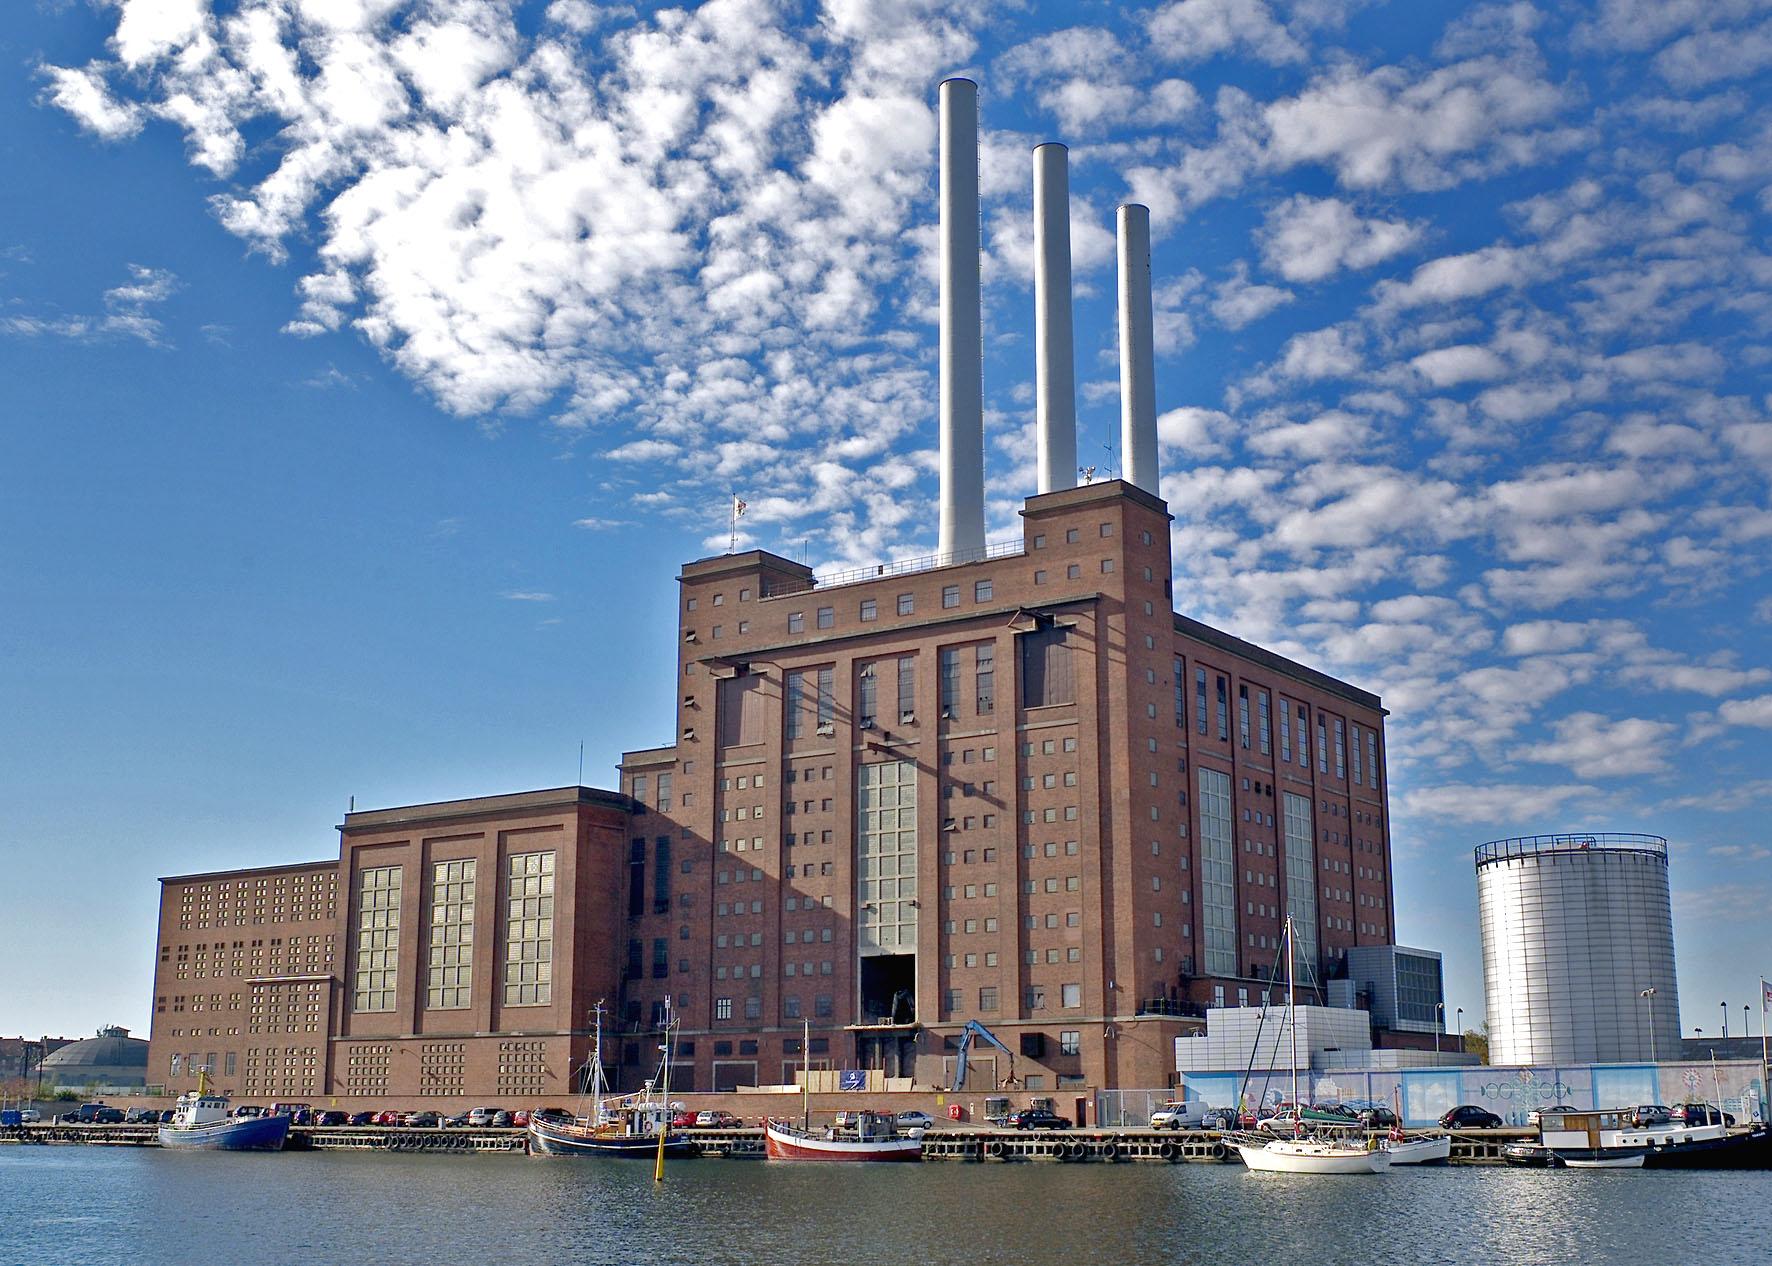 fa2887a3 Varmen tilbage i København efter nedbrud - Energy Supply DK